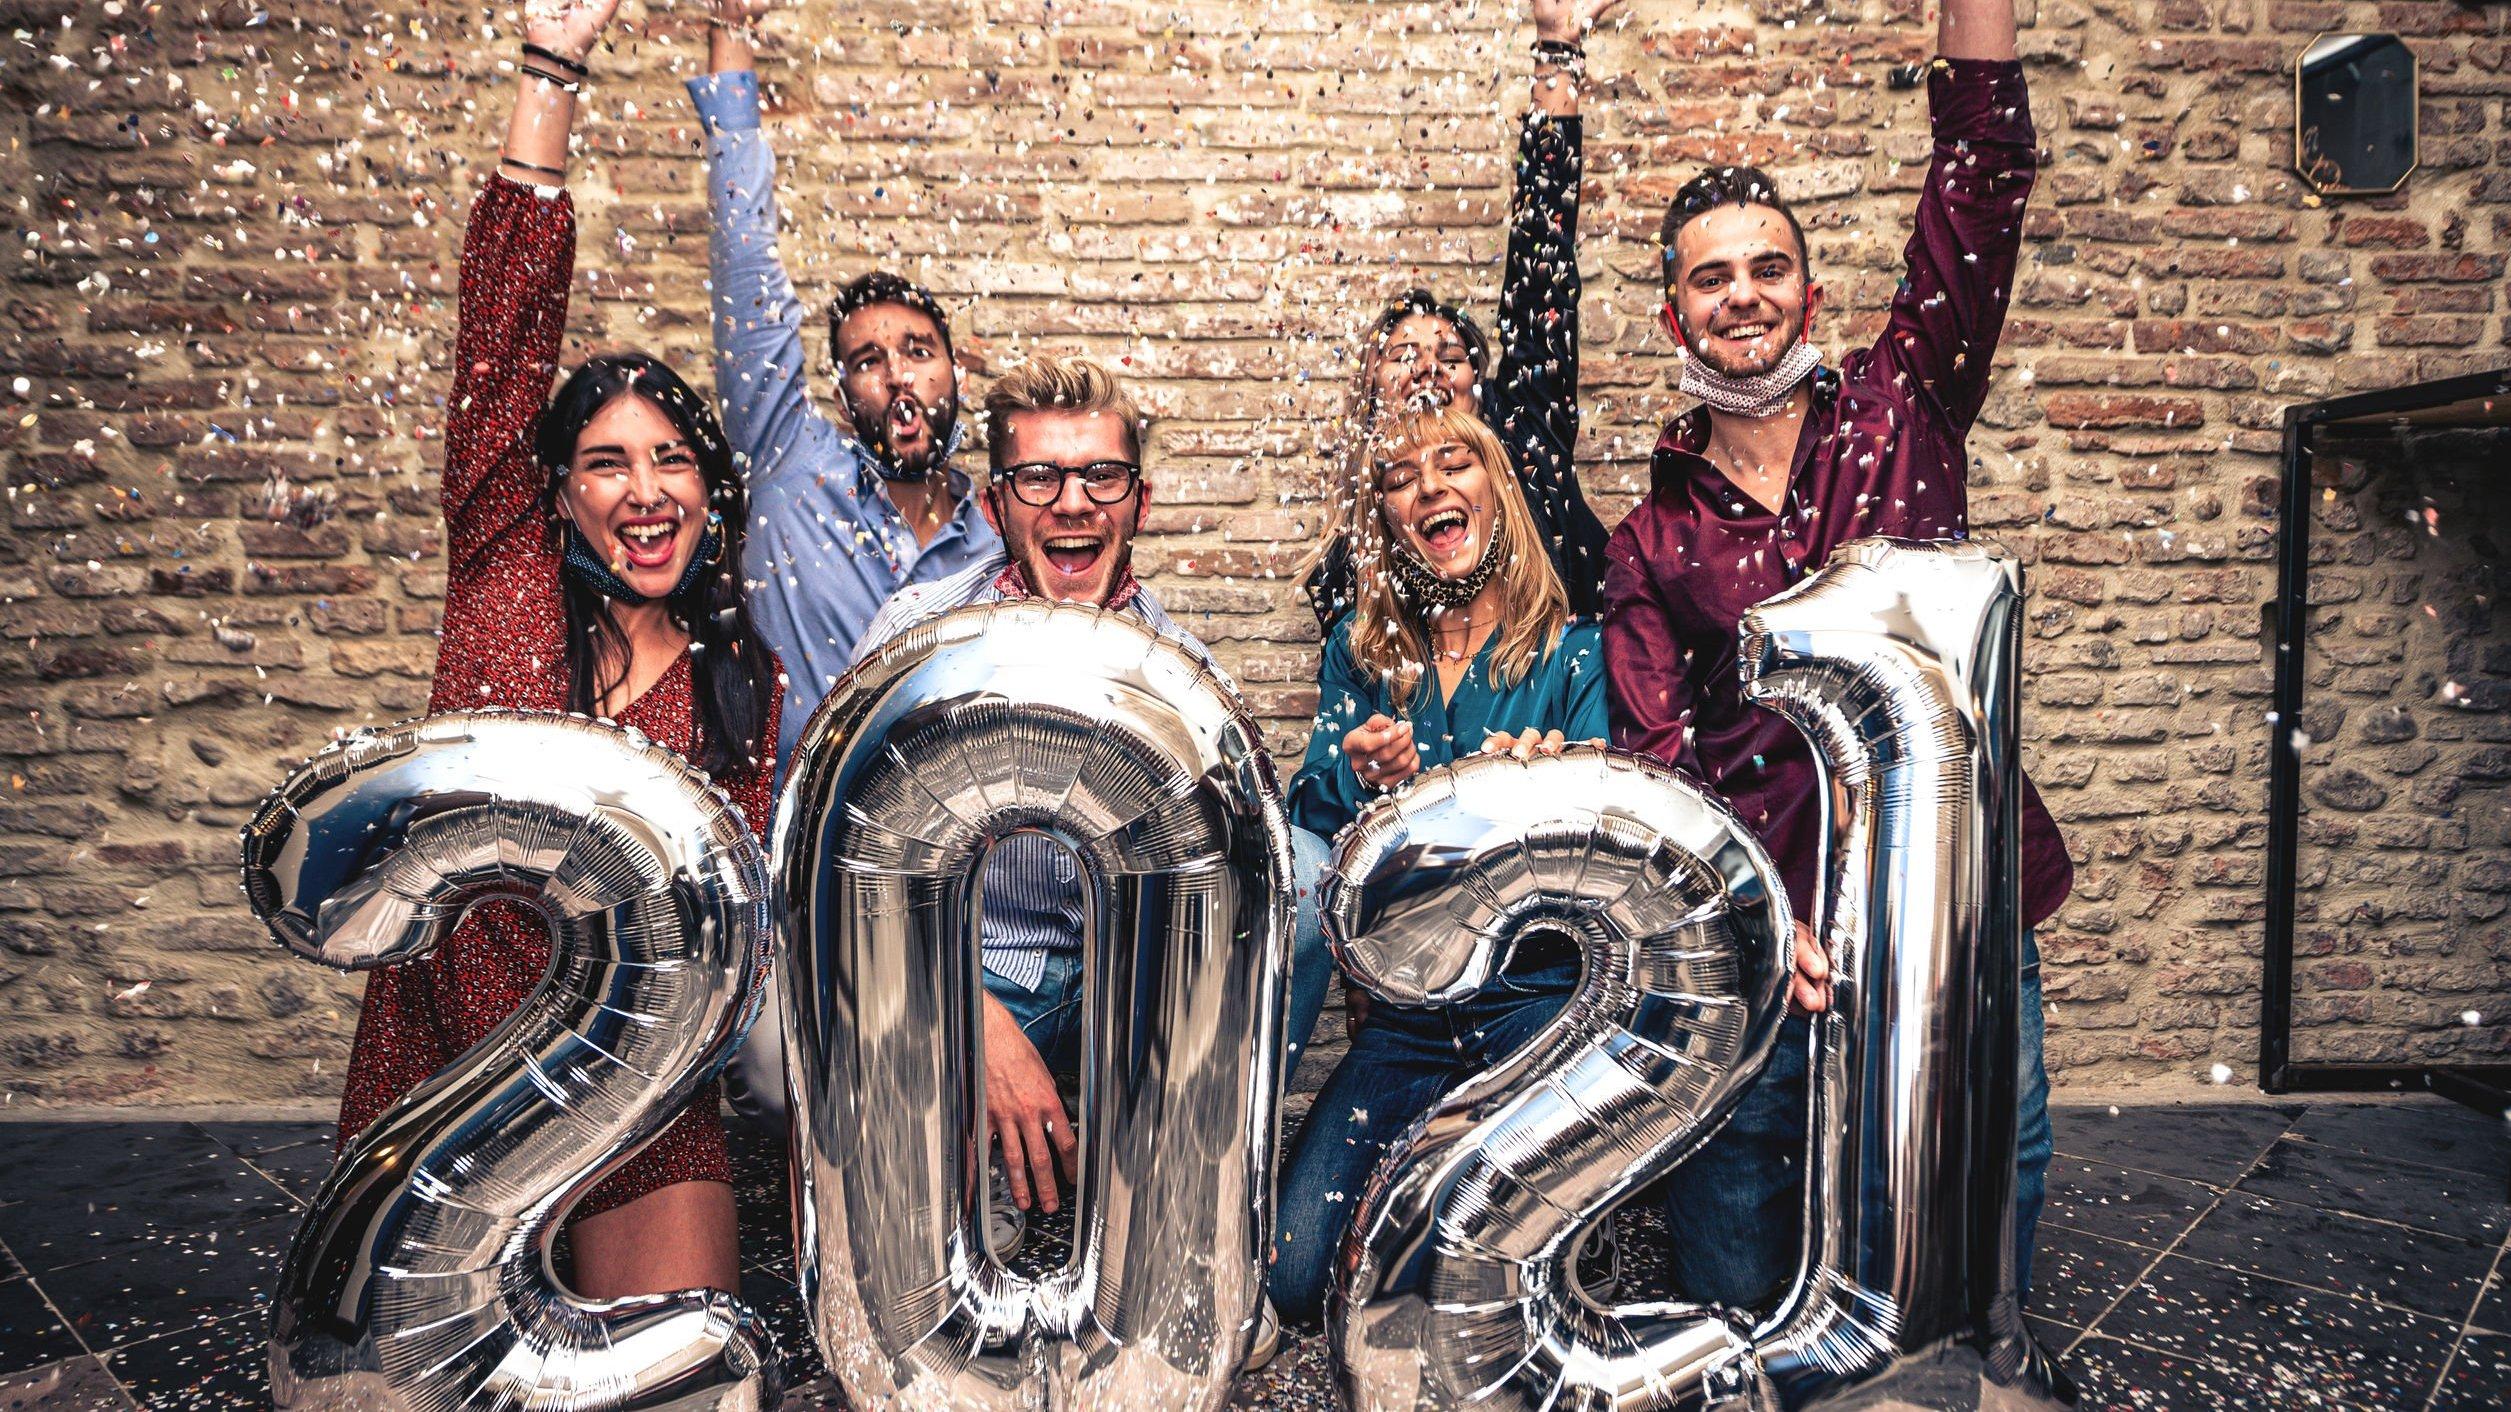 Grupo de amigos comemora o ano novo em frente a balões de número 2021.